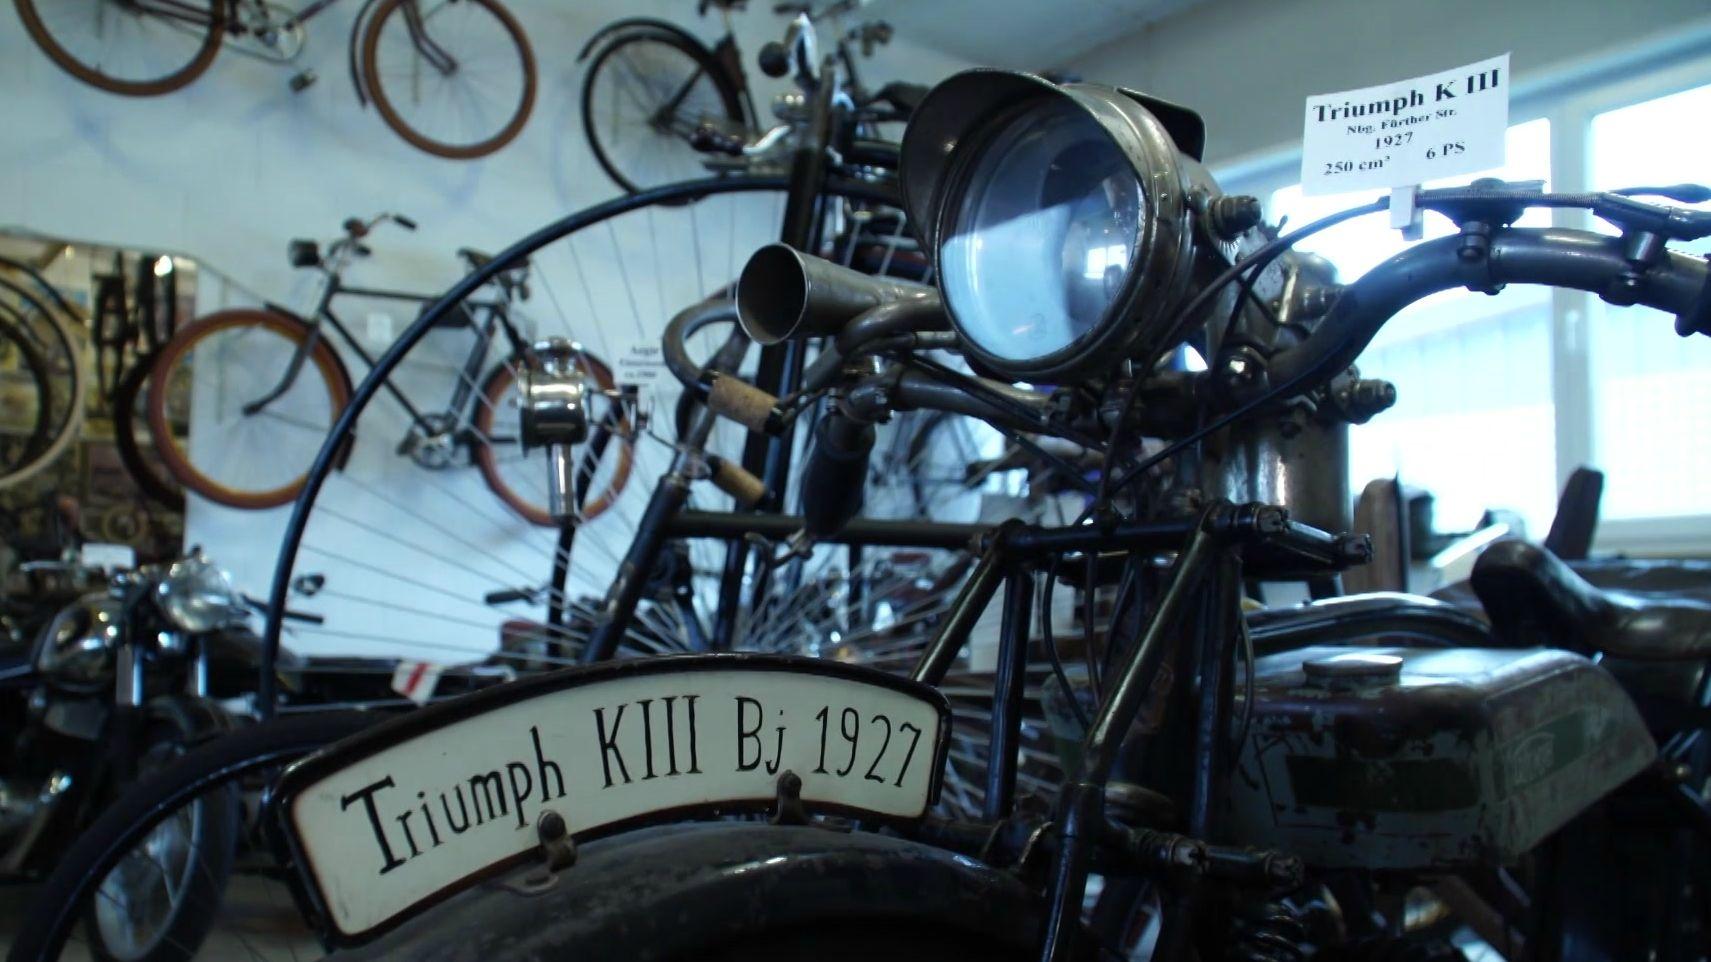 Motorrad der Marke Triumph aus dem Jahr 1927